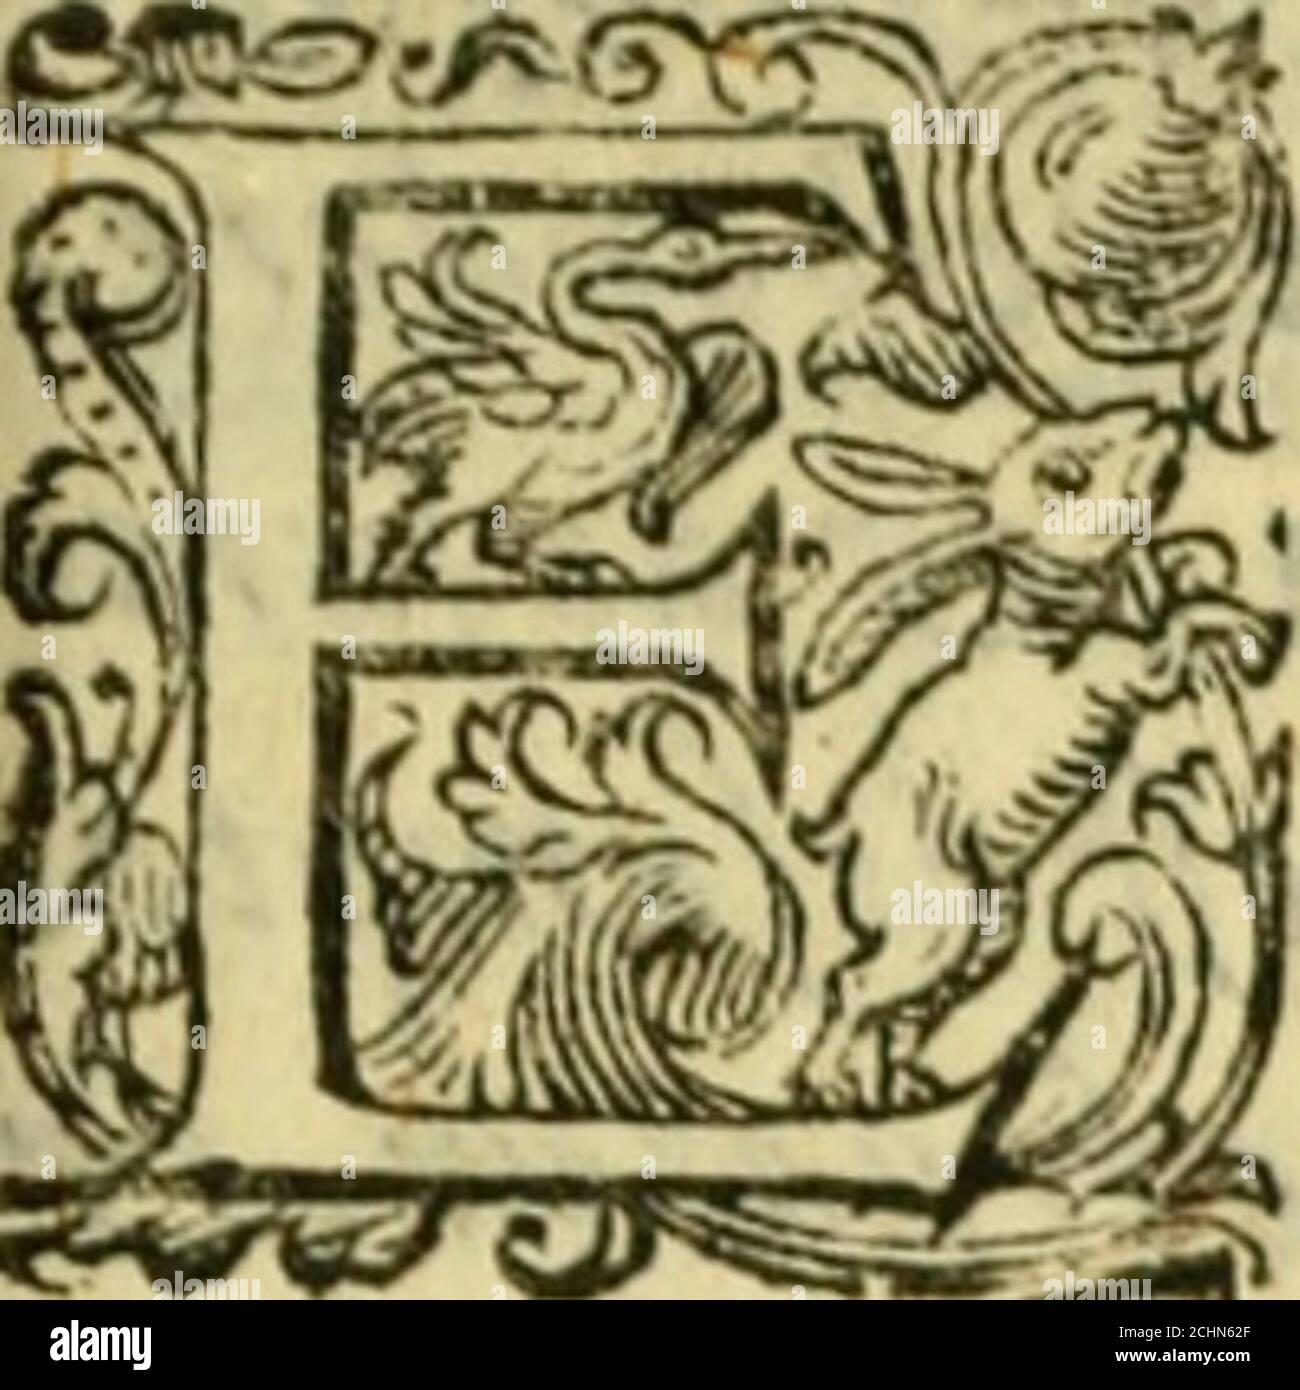 . Sito, et antichita della citta di Pozzuolo : e del suo amenissimo distretto. E di Cuma, et di Baia, e di Miseno ... con le figure de gli edifici, e con gli epitafi che vi sono. . S,D,N. PIOIL7 PONTIFICIA MÁXIMO. FRANCISCVSARETINVS.S. P. D. F. o LFENTI mihi quidam lihrorum volumina ( pie Pont.Max,) & animi laxandi grapfiacodices ilios perquirenti opufiulum luteolregiontmtmirabilium profitto virtutum quas in aquisimplicitas and AC lattere/legtere pote ìitas. Illas enim tute pipisien didicandasputaui quodtef Foto de stock